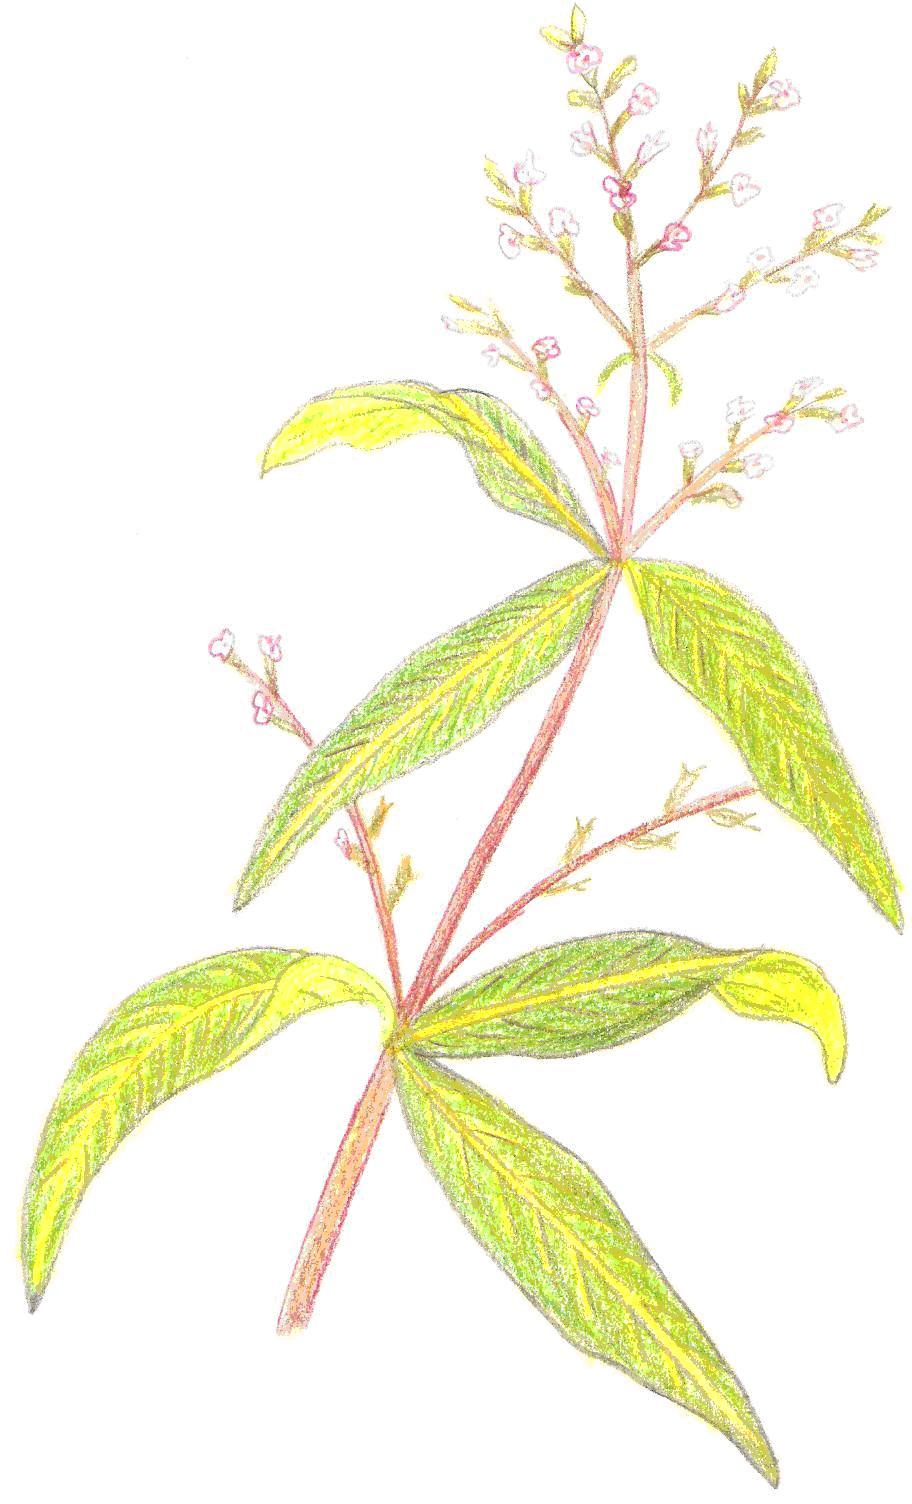 Plantas arom ticas condimentarias y medicinales hierba - Hierba luisa en maceta ...